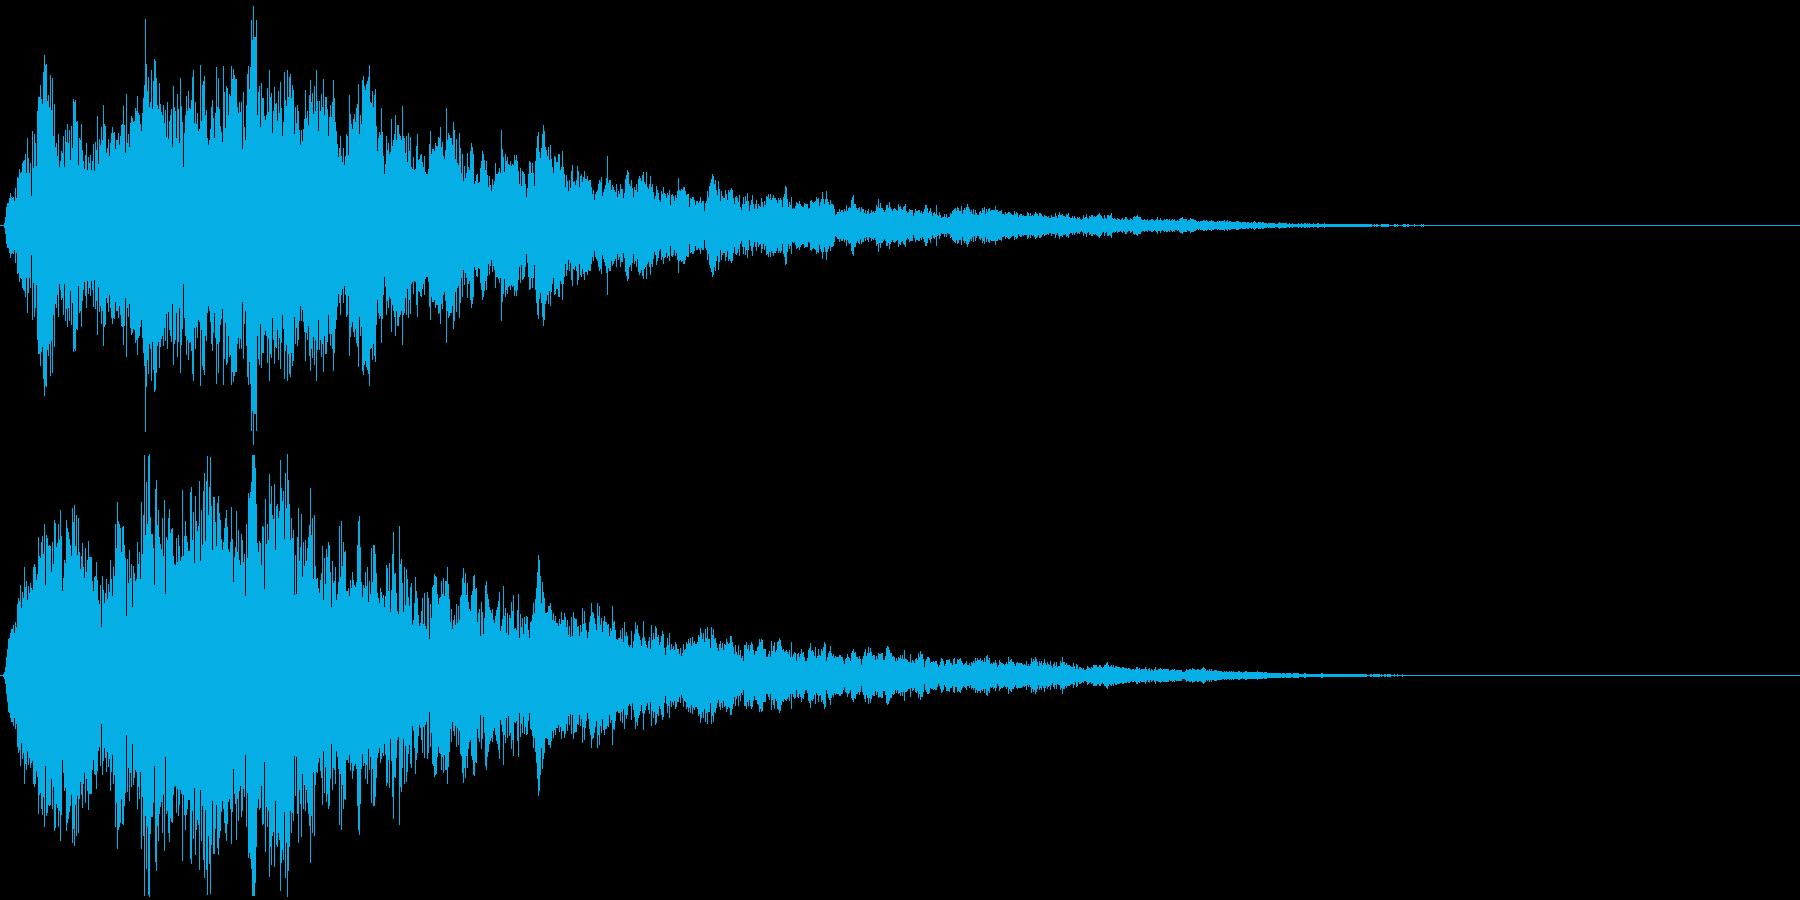 SE 2120年の宇宙船 シュワーンの再生済みの波形